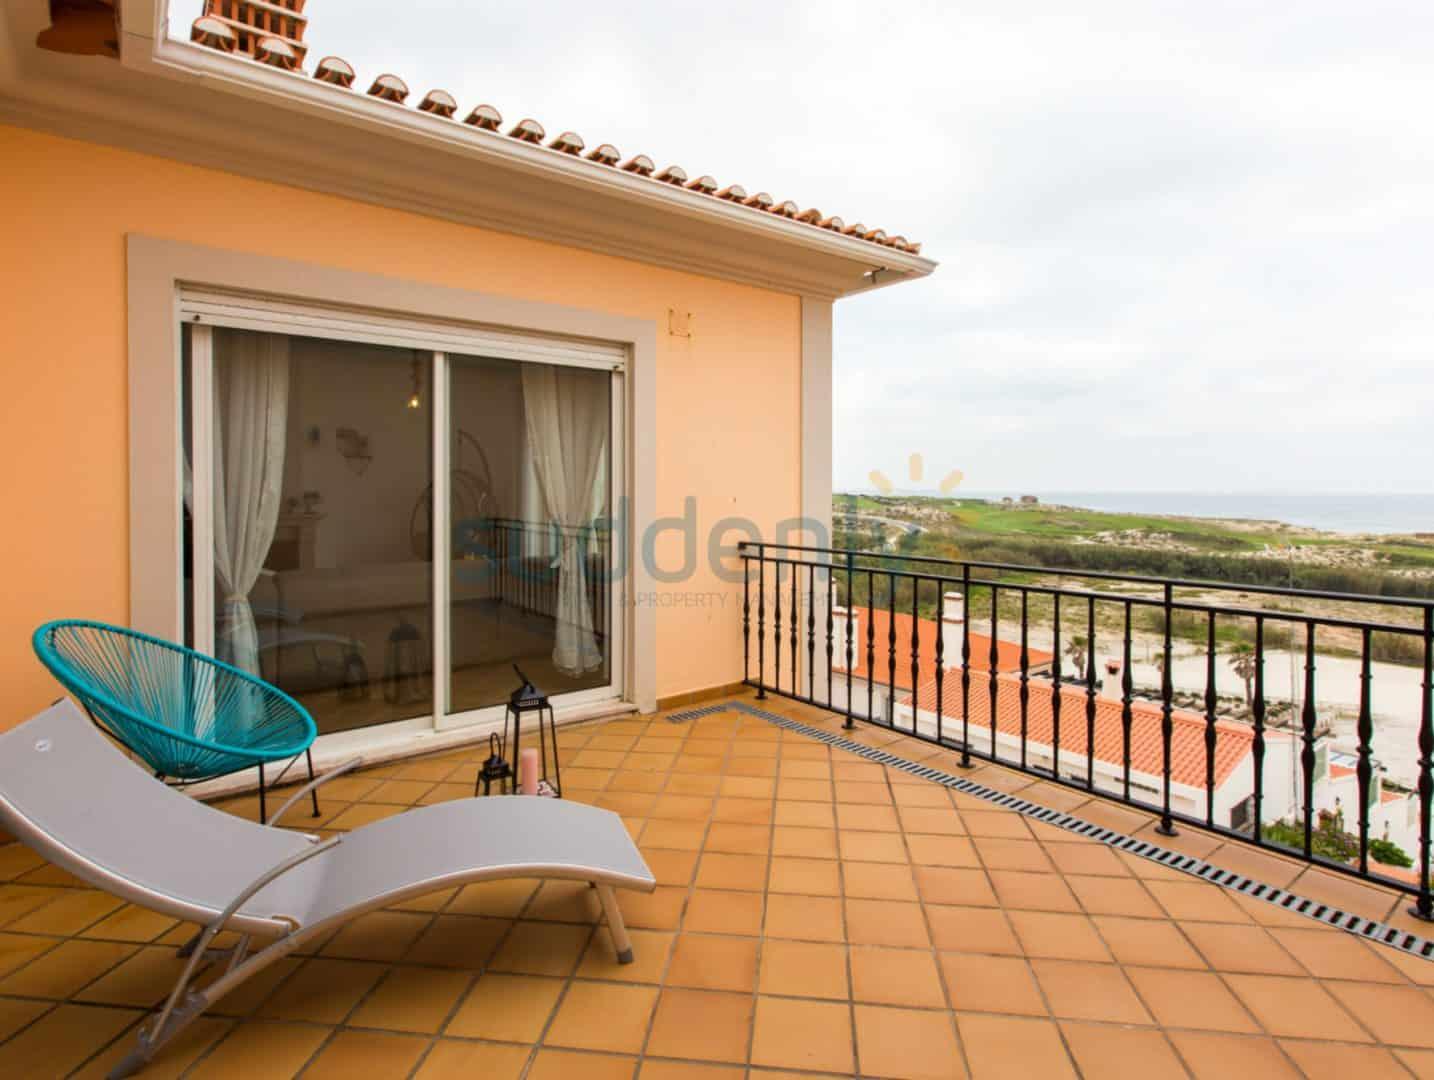 Locations de Vacances à Praia D'El Rey 332